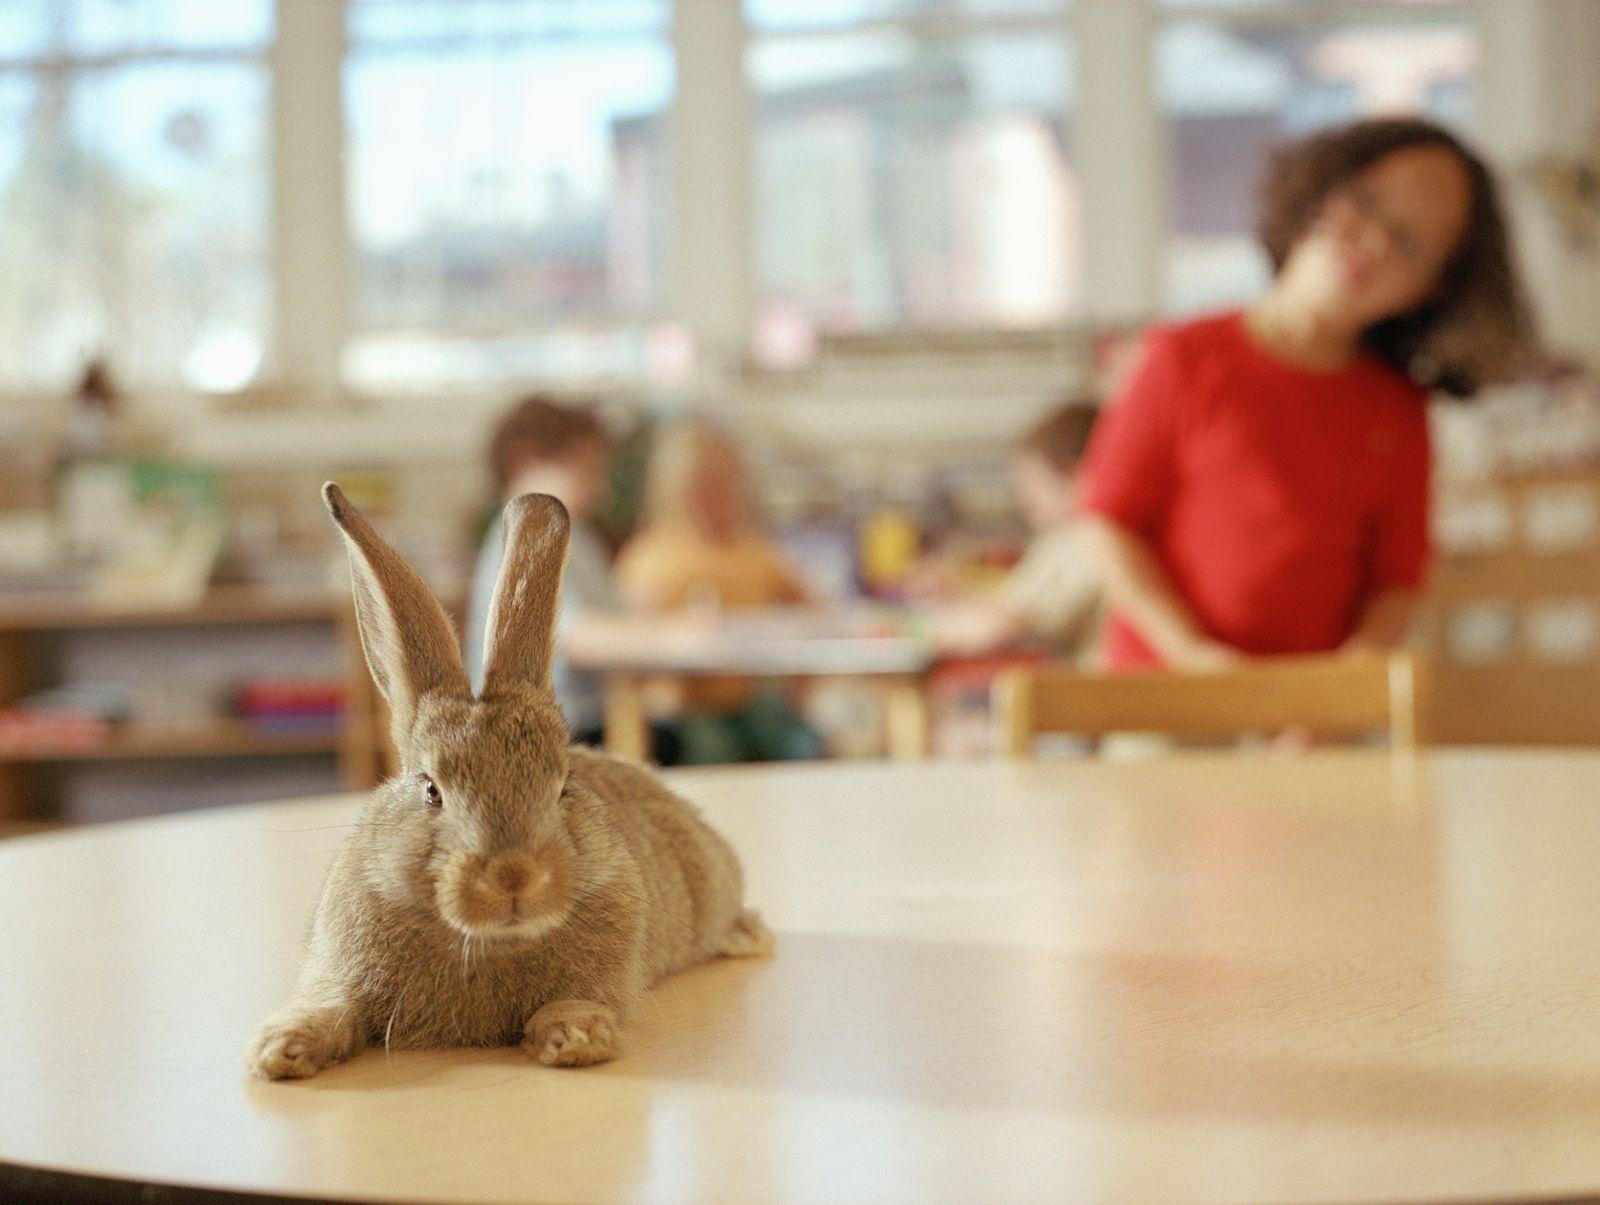 NICHT MEHR VERWENDEN! - Kaninchen Schule